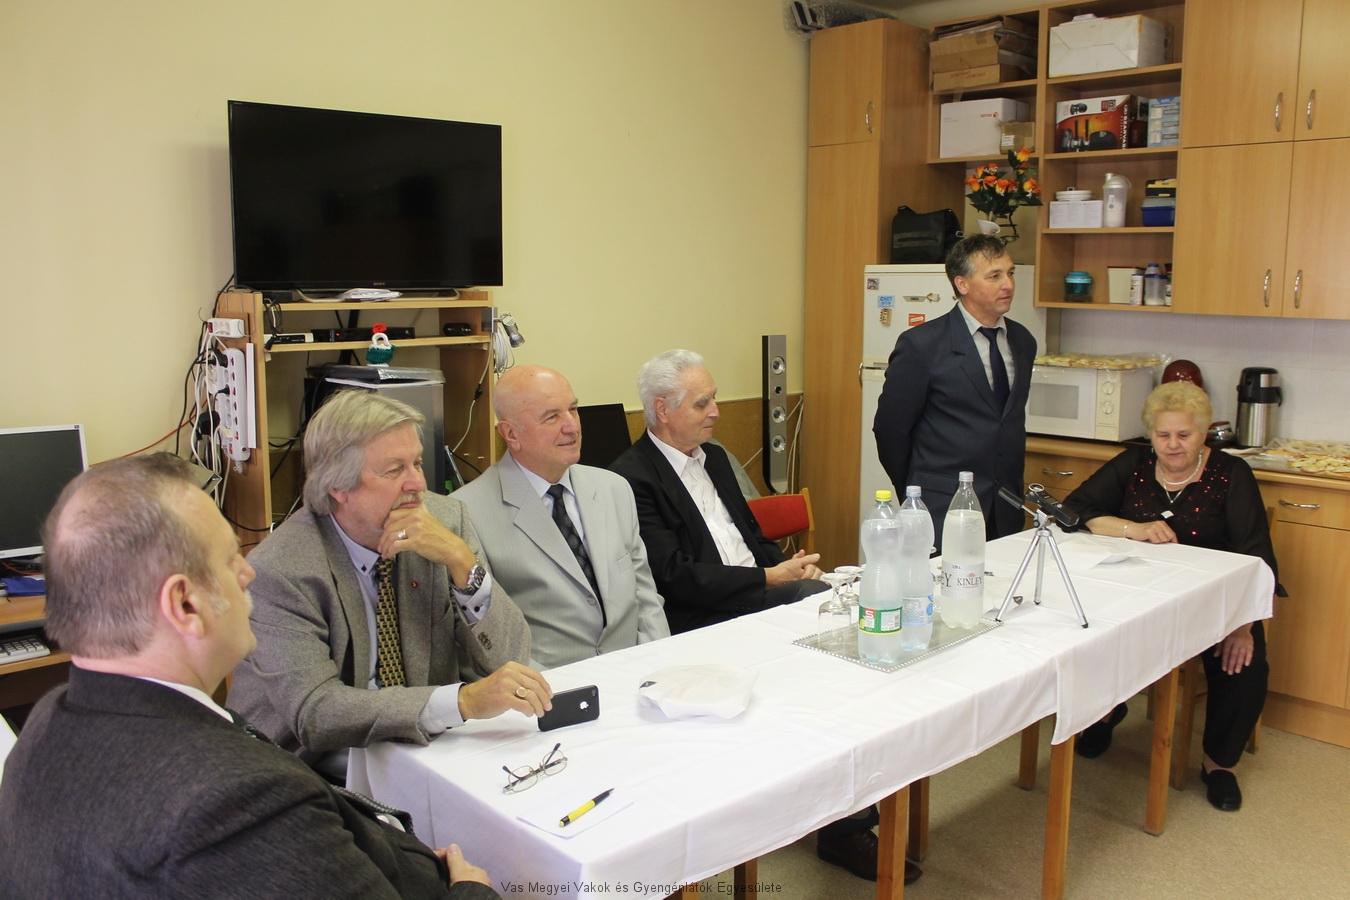 Az ünnepségre eljött a Savaria Lions Club vezetősége, Fekete Árpád a Vas megyei Szakosított Intézmény igazgatója, Márkus Árpád pedig a Nyugdíjas Szövetséget képviselte.